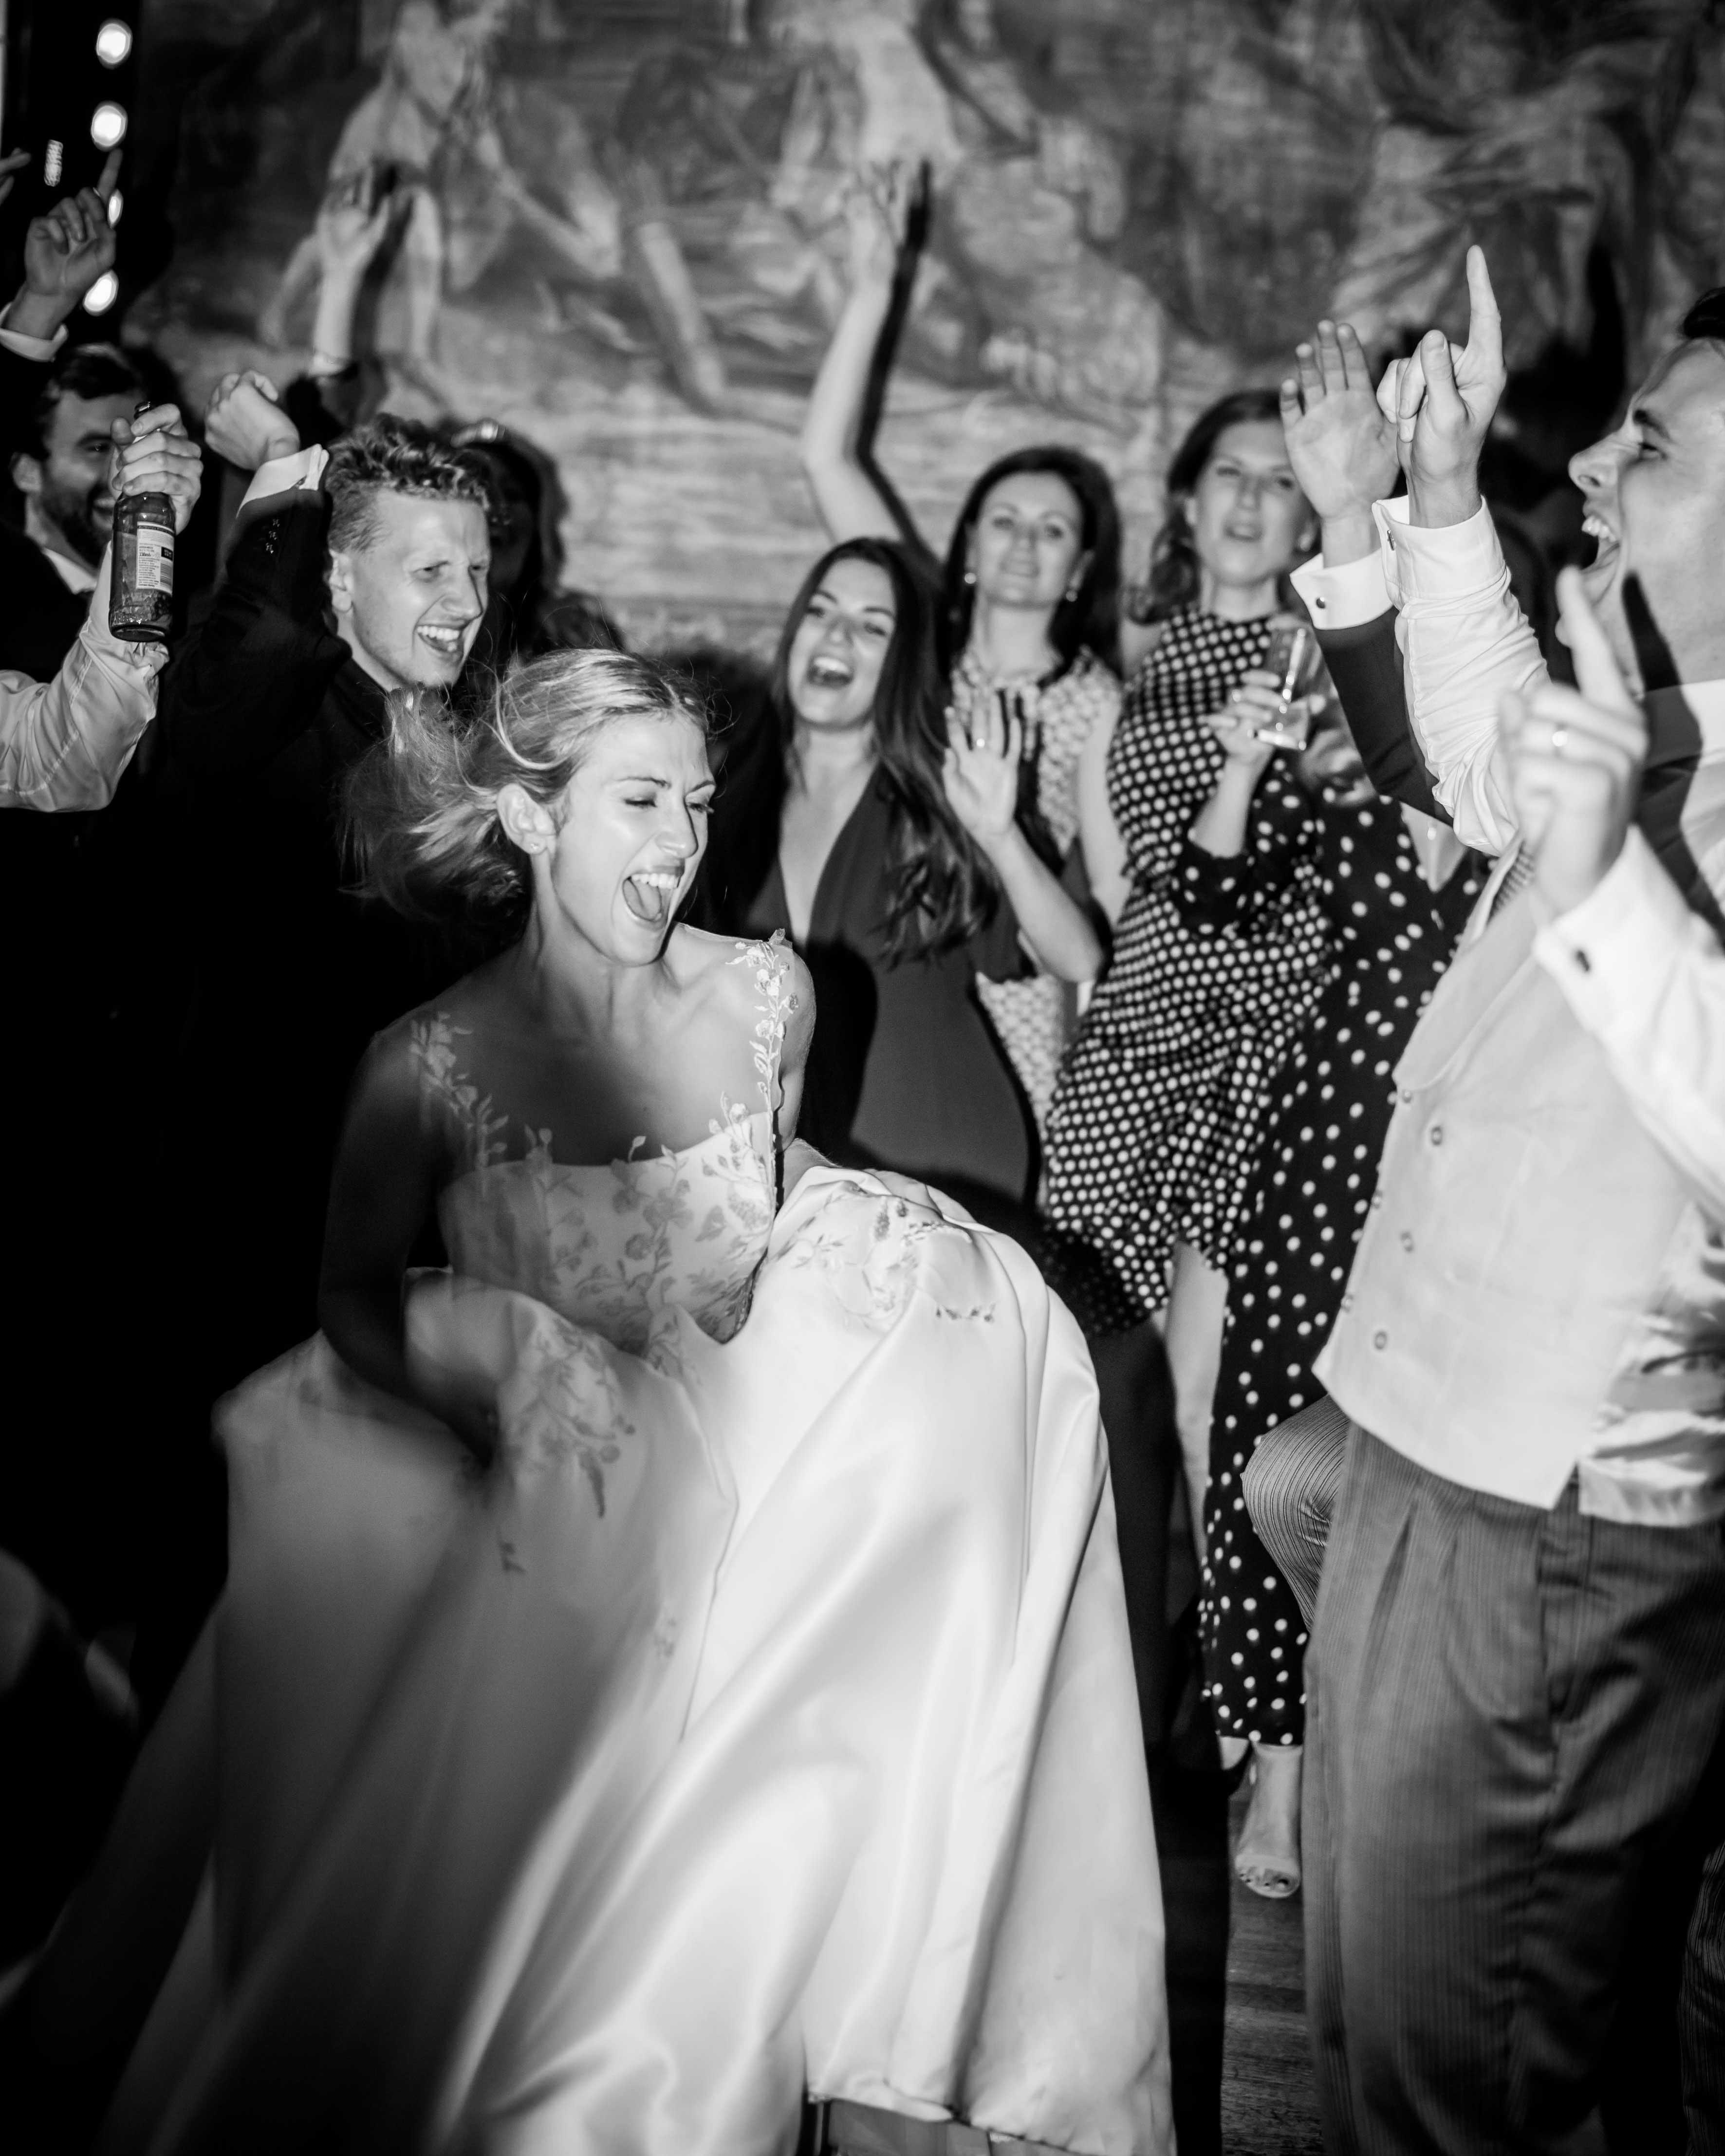 Cornwell Manor Oxfordshire wedding photographer, oxfordshire wedding photographer, Bride, dance, wedding reception, Cornwell Manor, Chipping Norton, Oxfordshire, wild weddings photography, wedding photography, wedding photographer